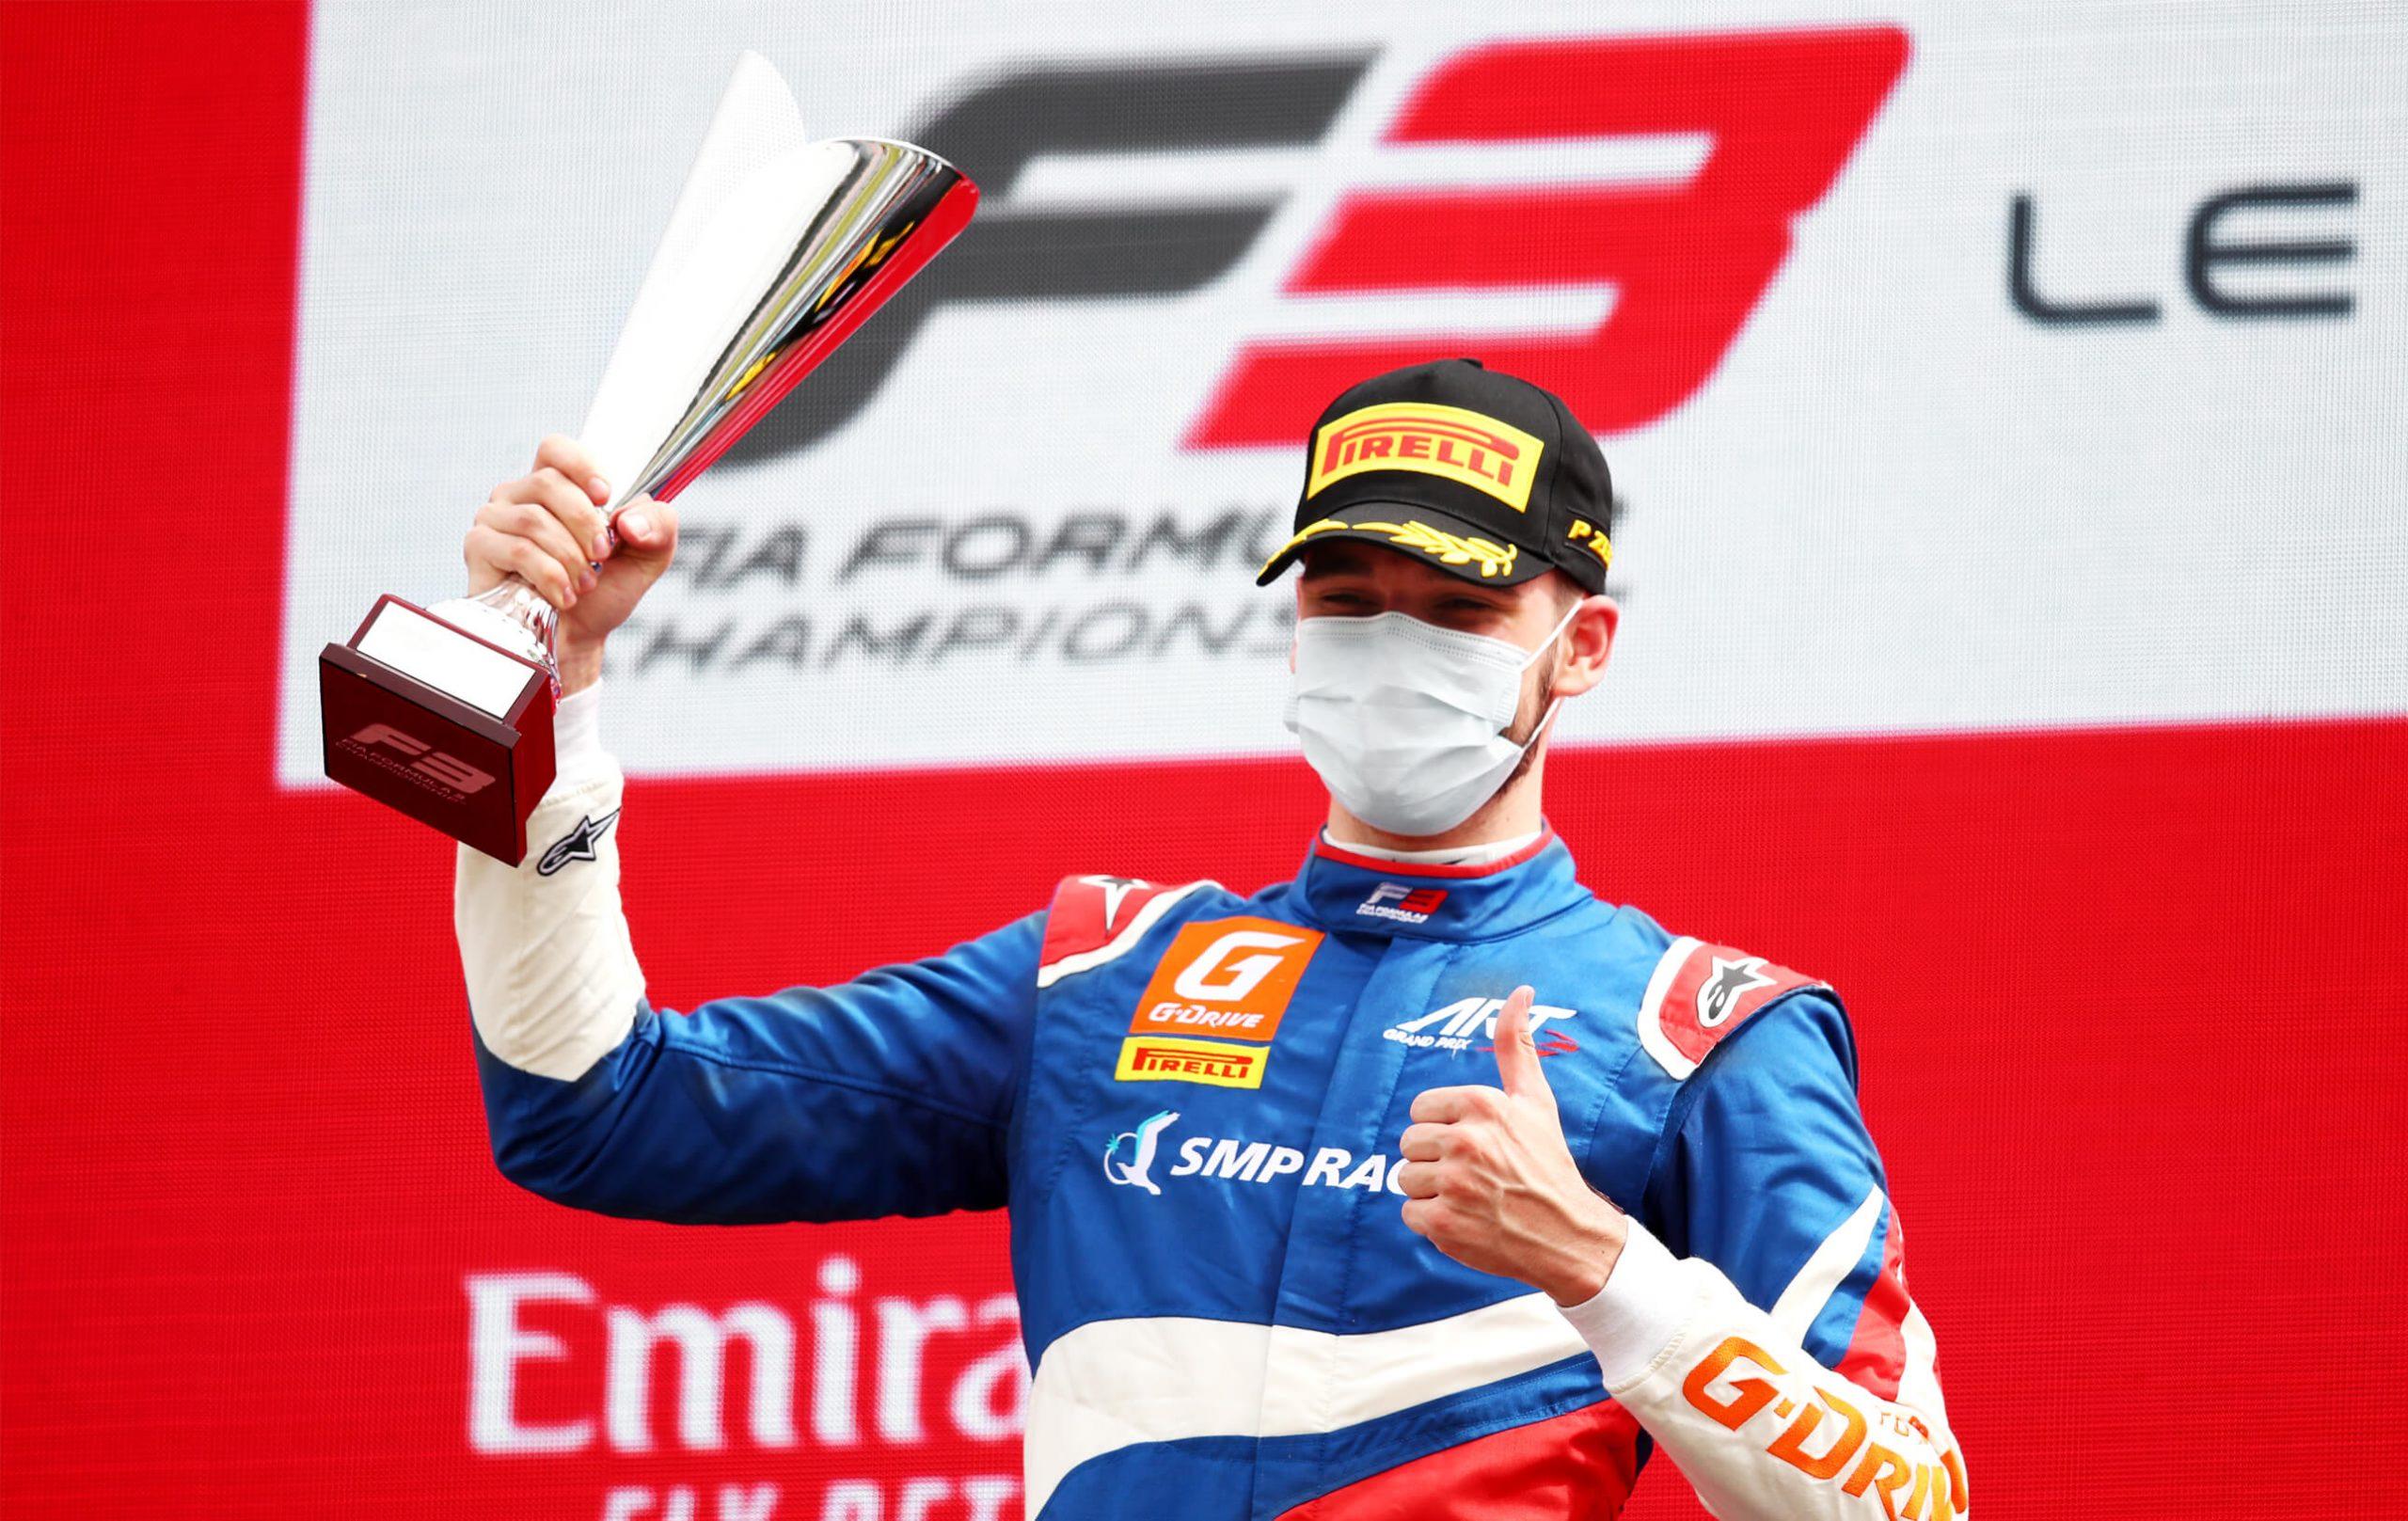 Victoire, pole position et des points au GP de France